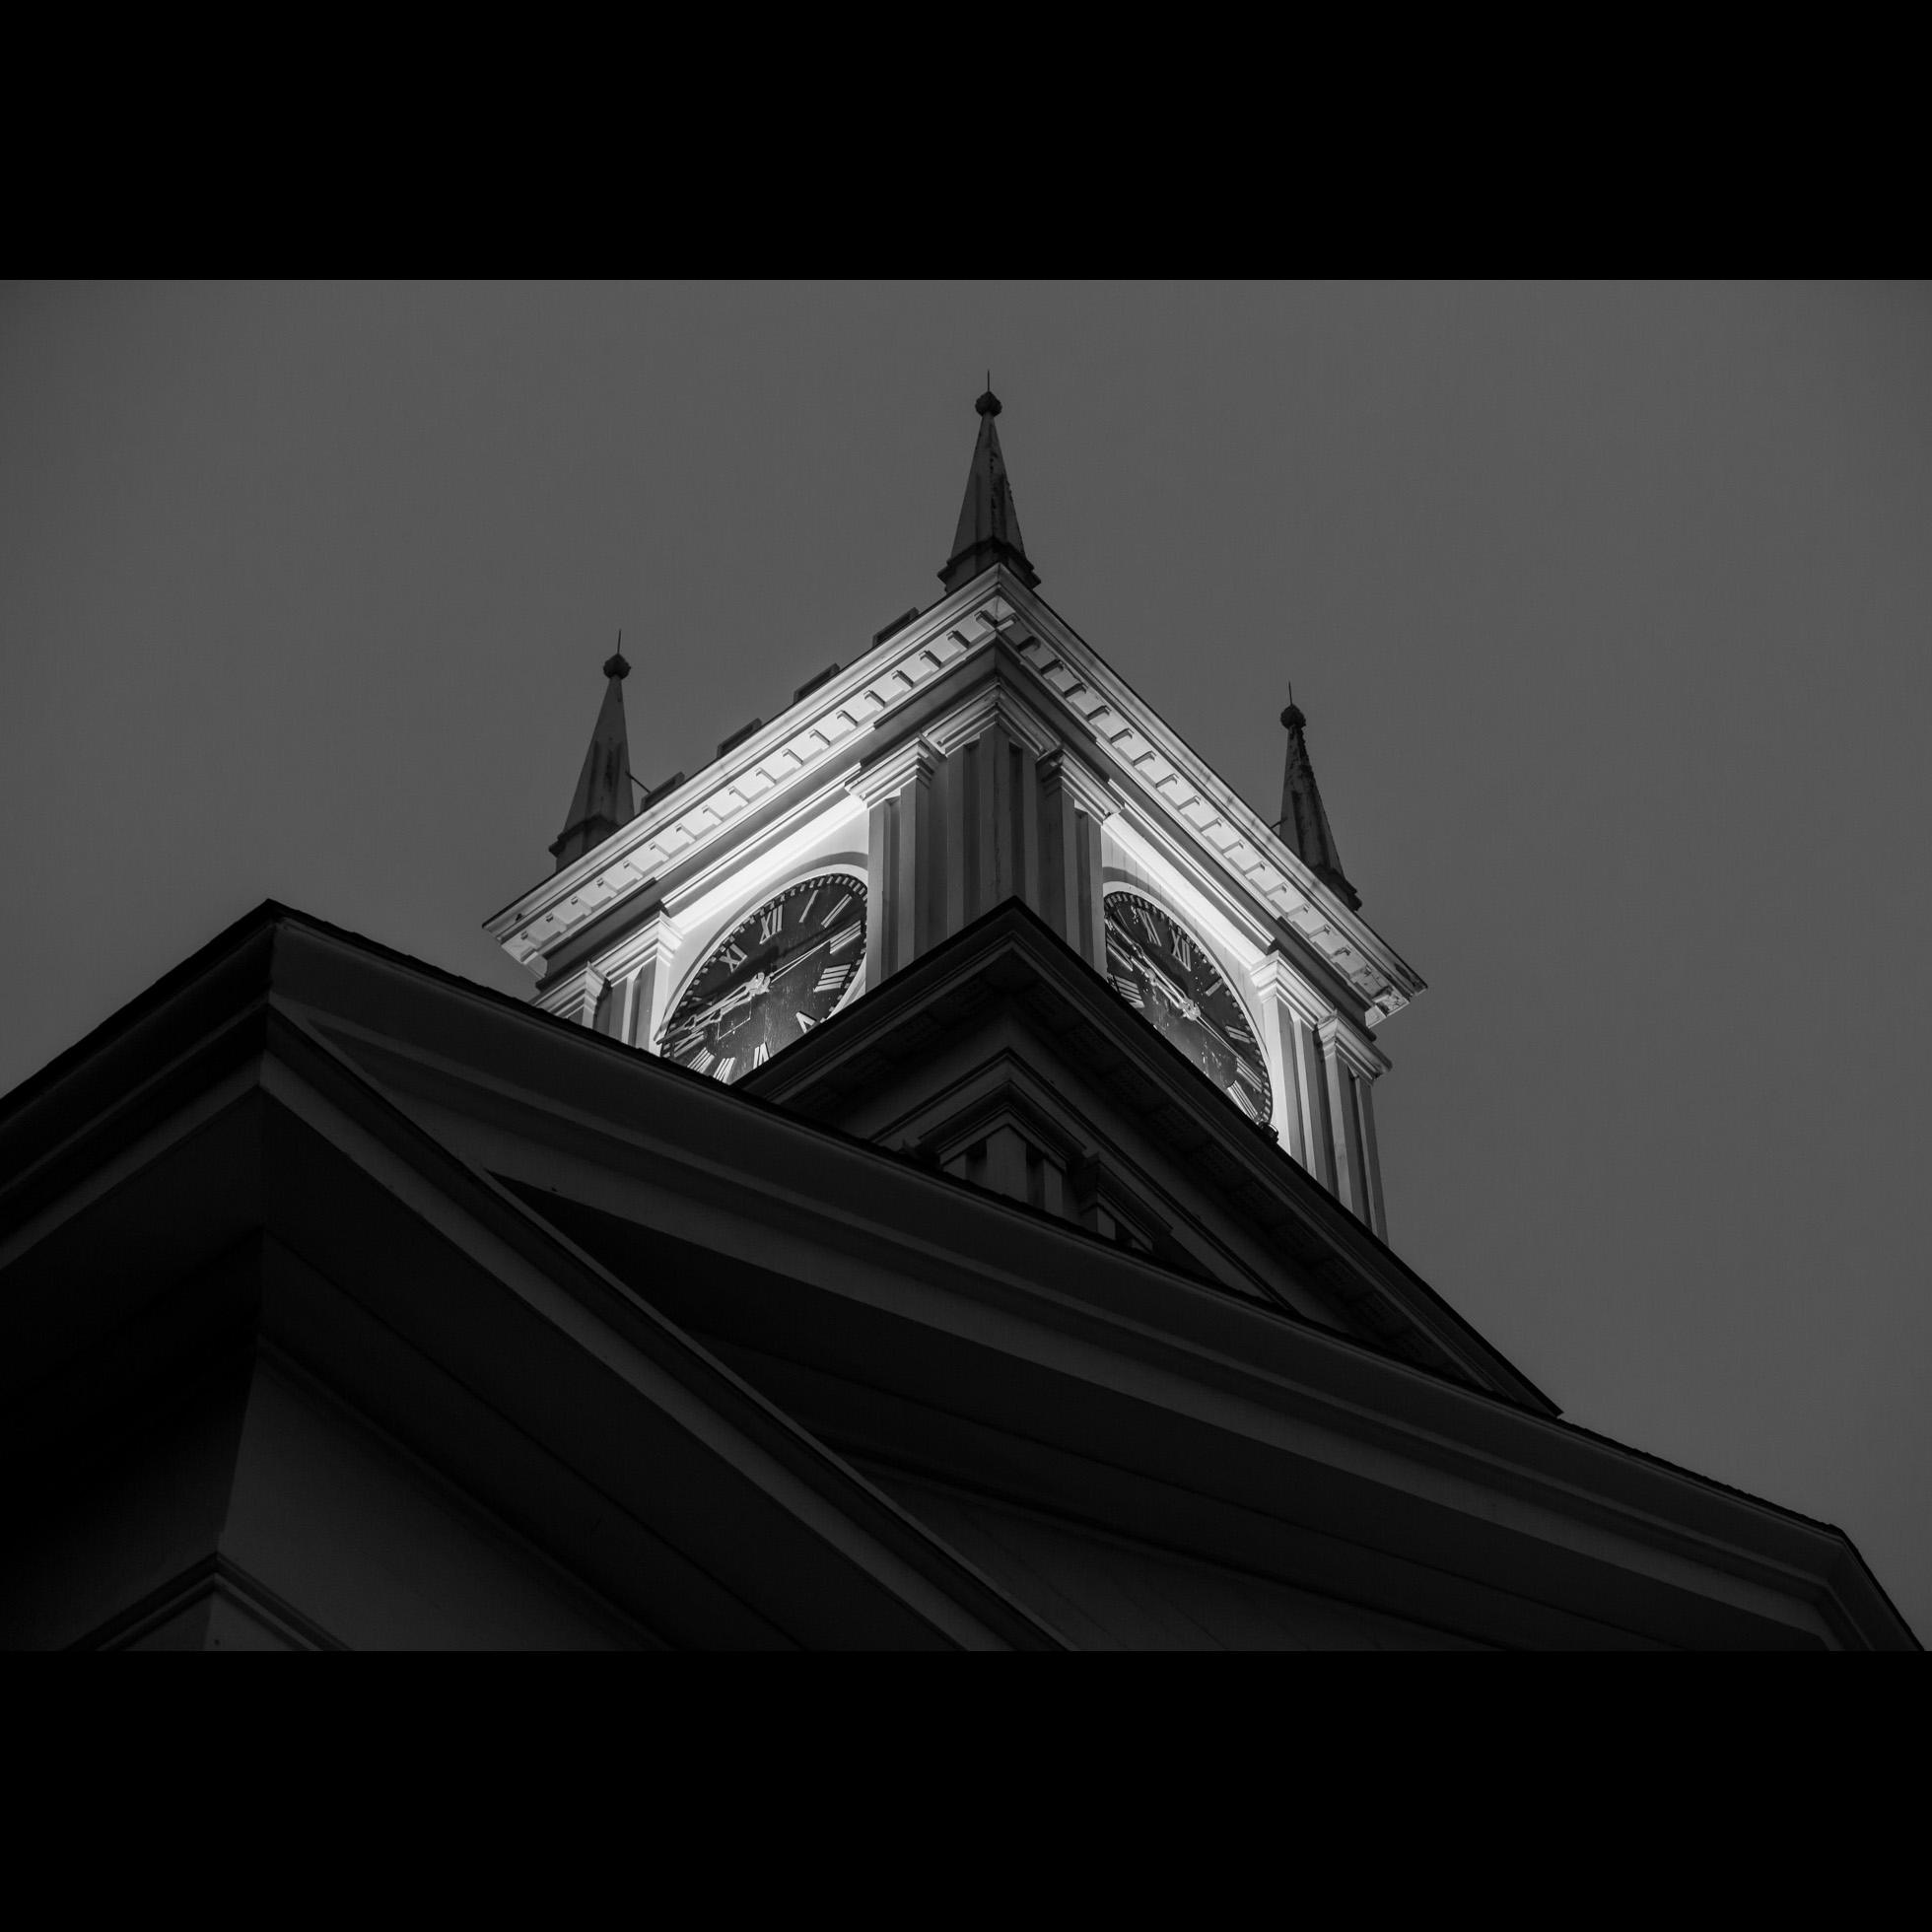 6.23 WHALING CHURCH FOG